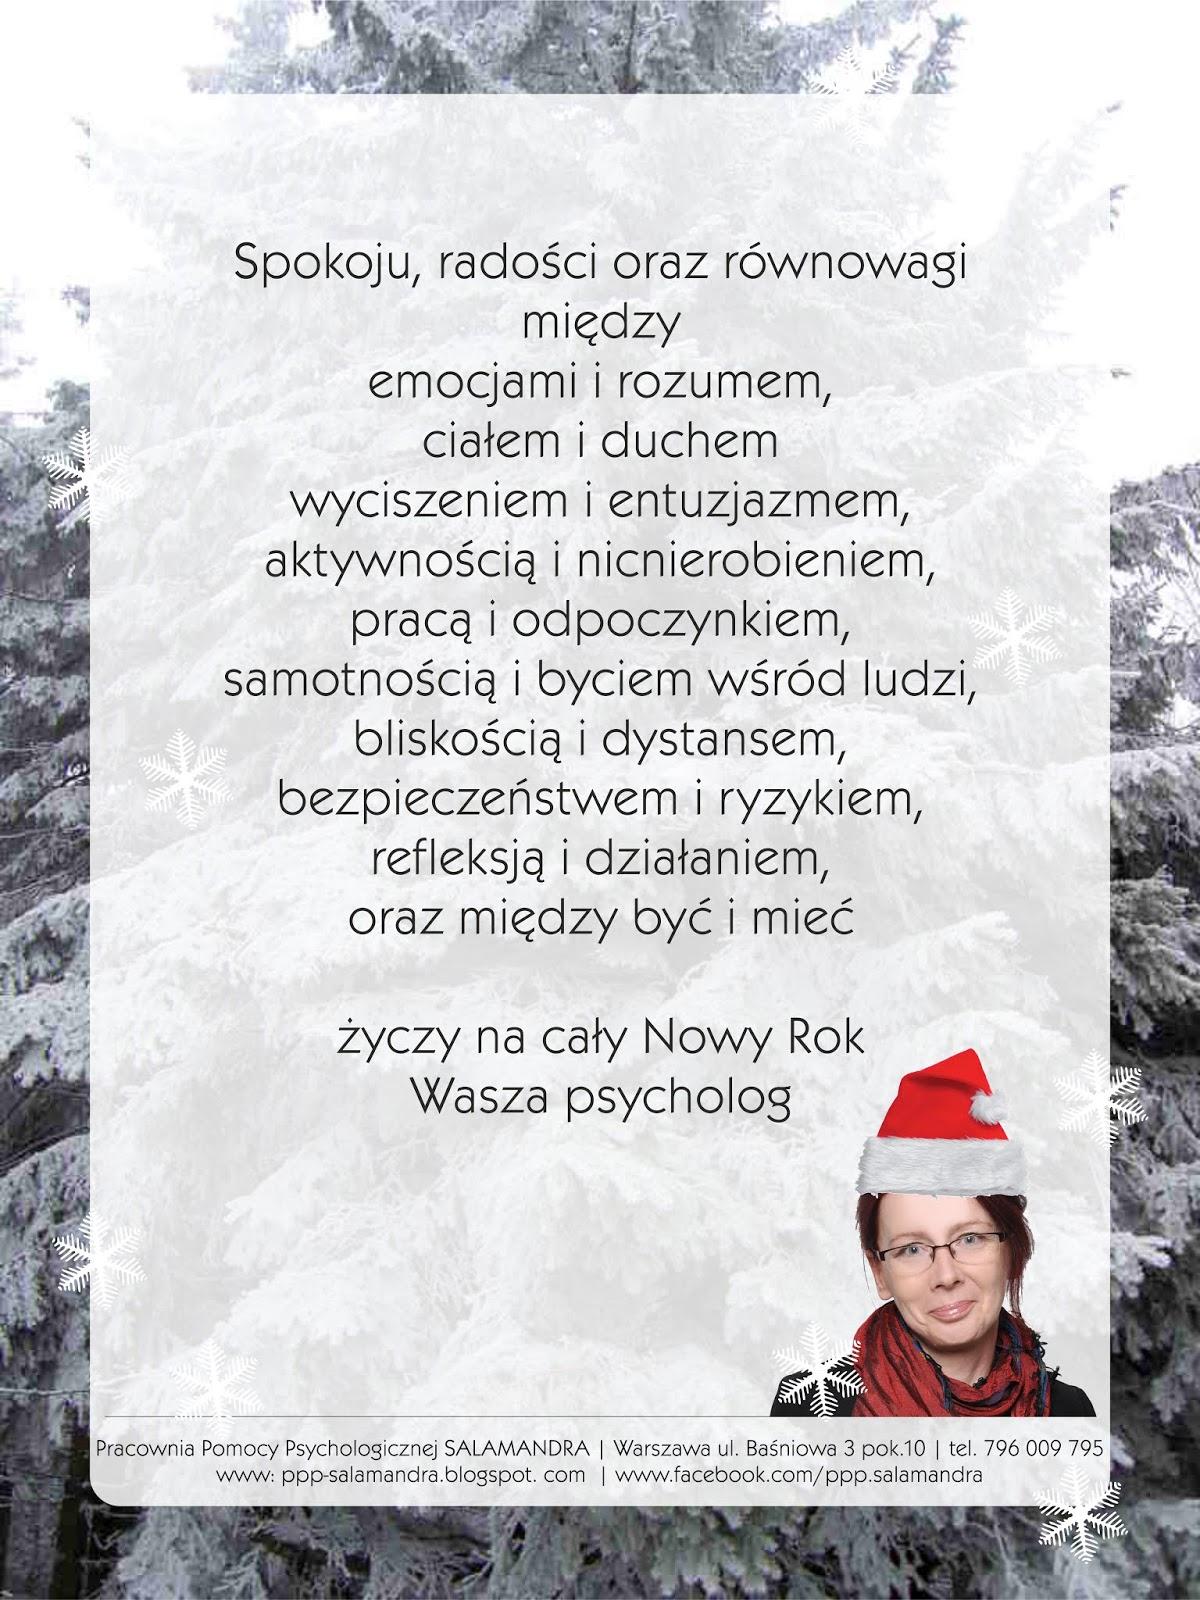 Psychologiczne życzenia świąteczne 2018 - na cały Nowy Rok